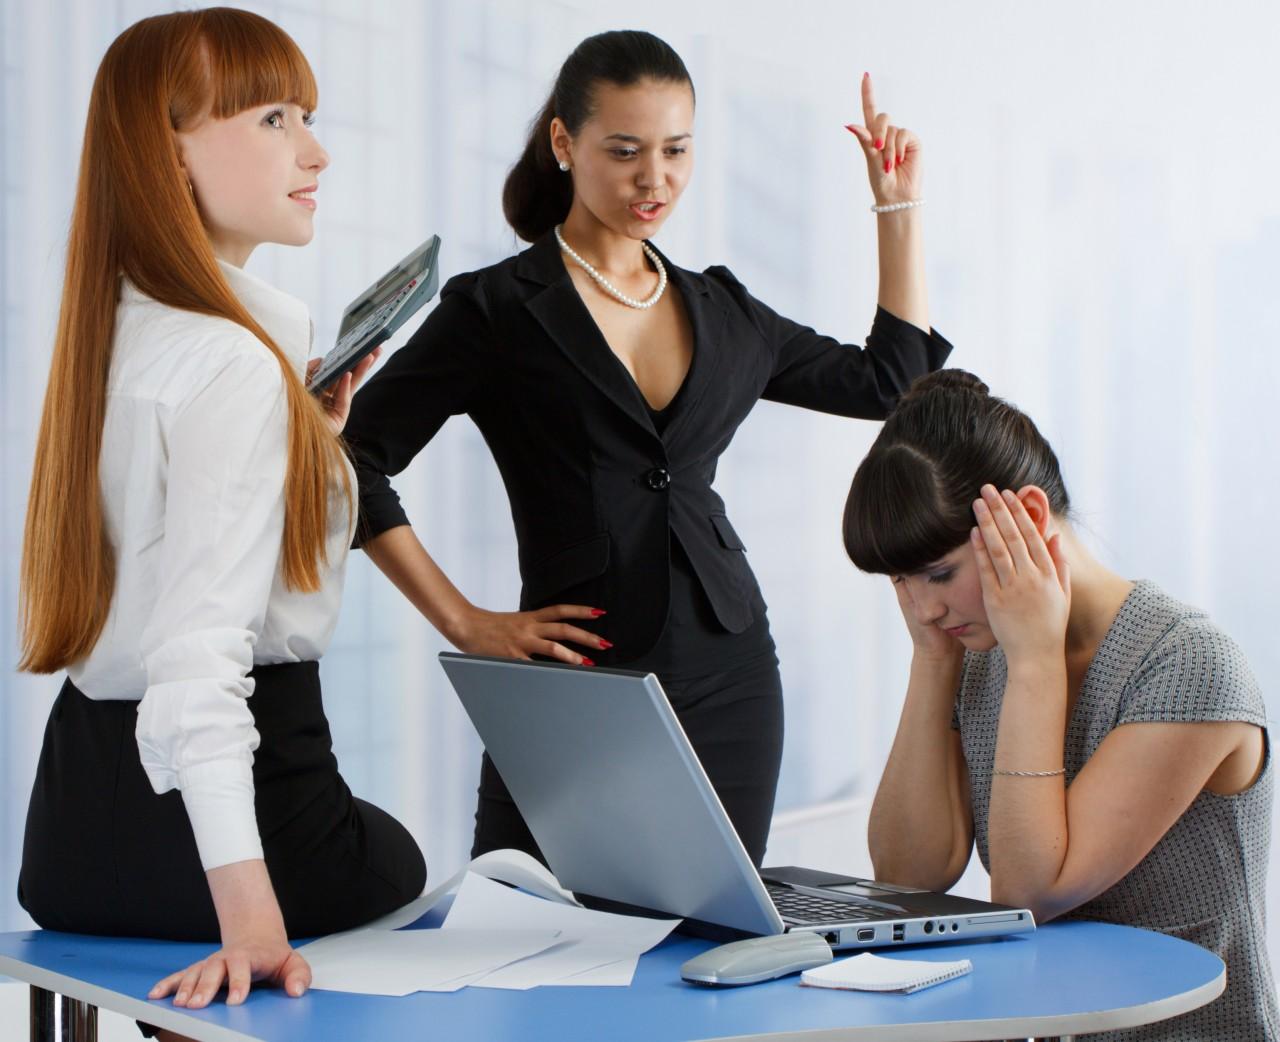 Не стоит брать к себе на работу друзей. Много в жизни историй, аналогичных этой